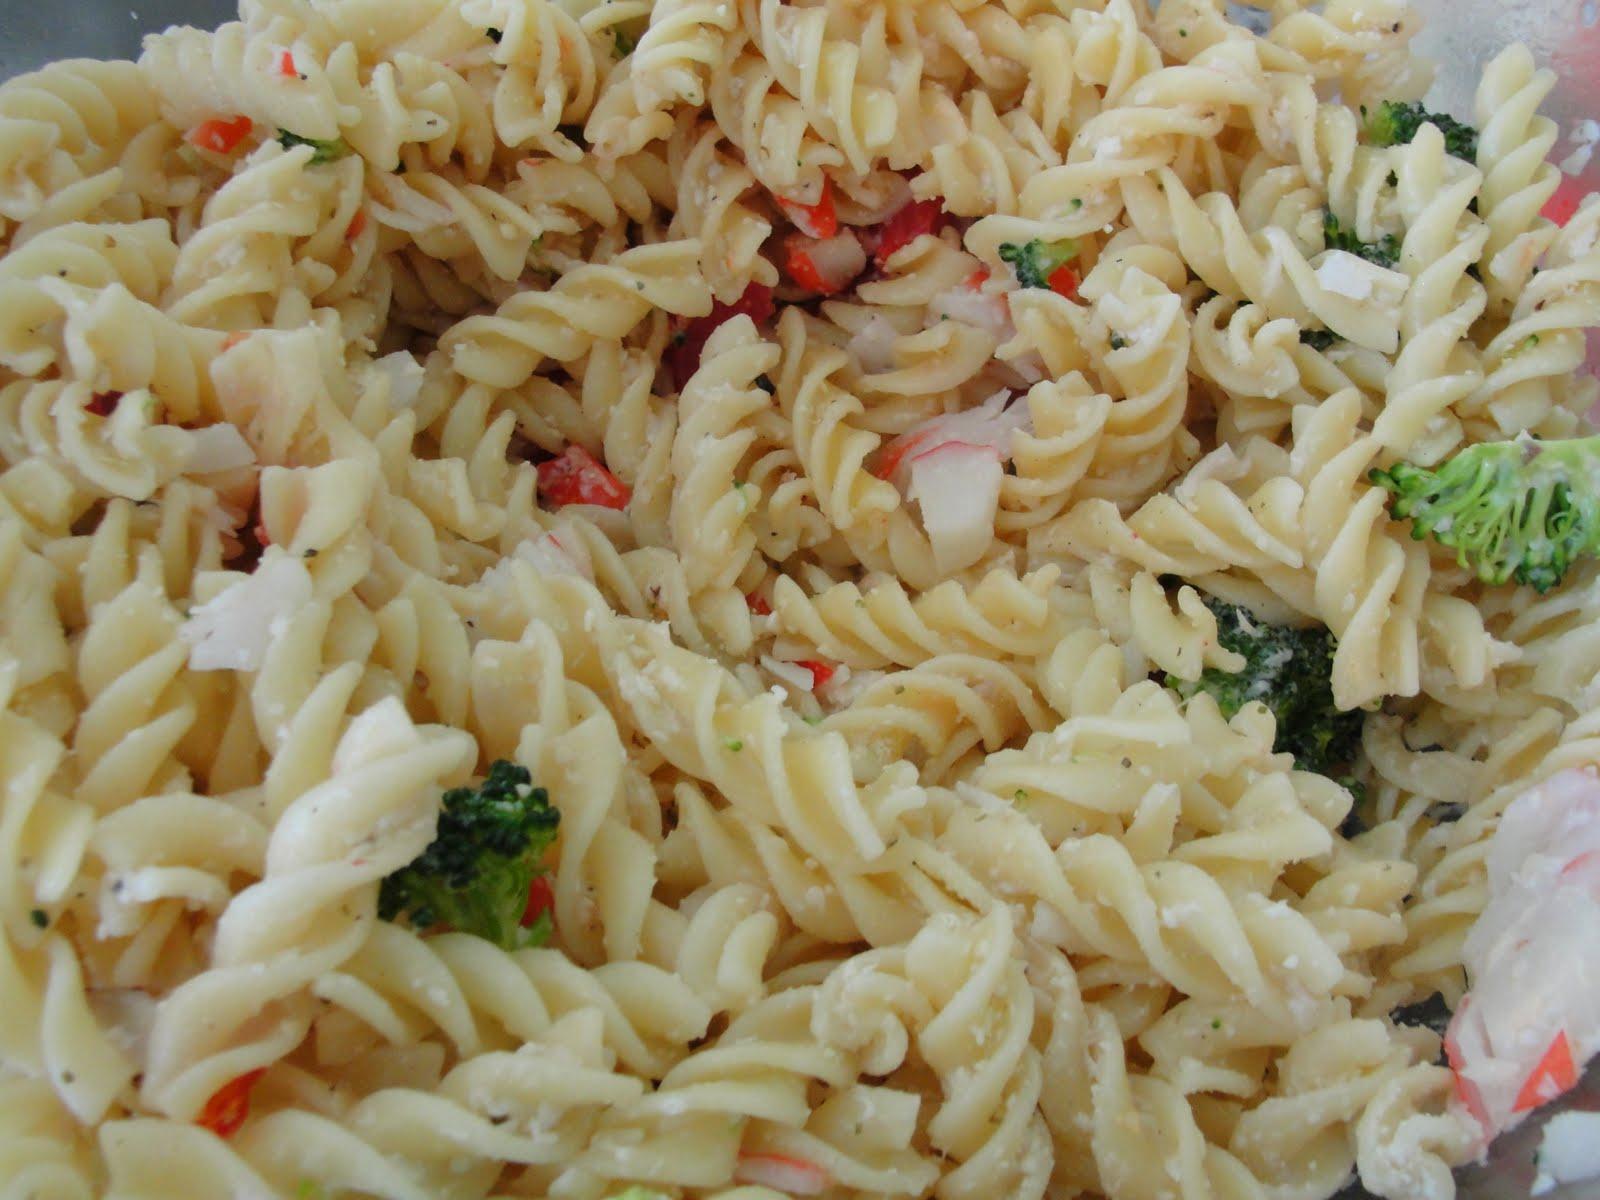 Crab Meat Pasta Recipes Crab pasta salad